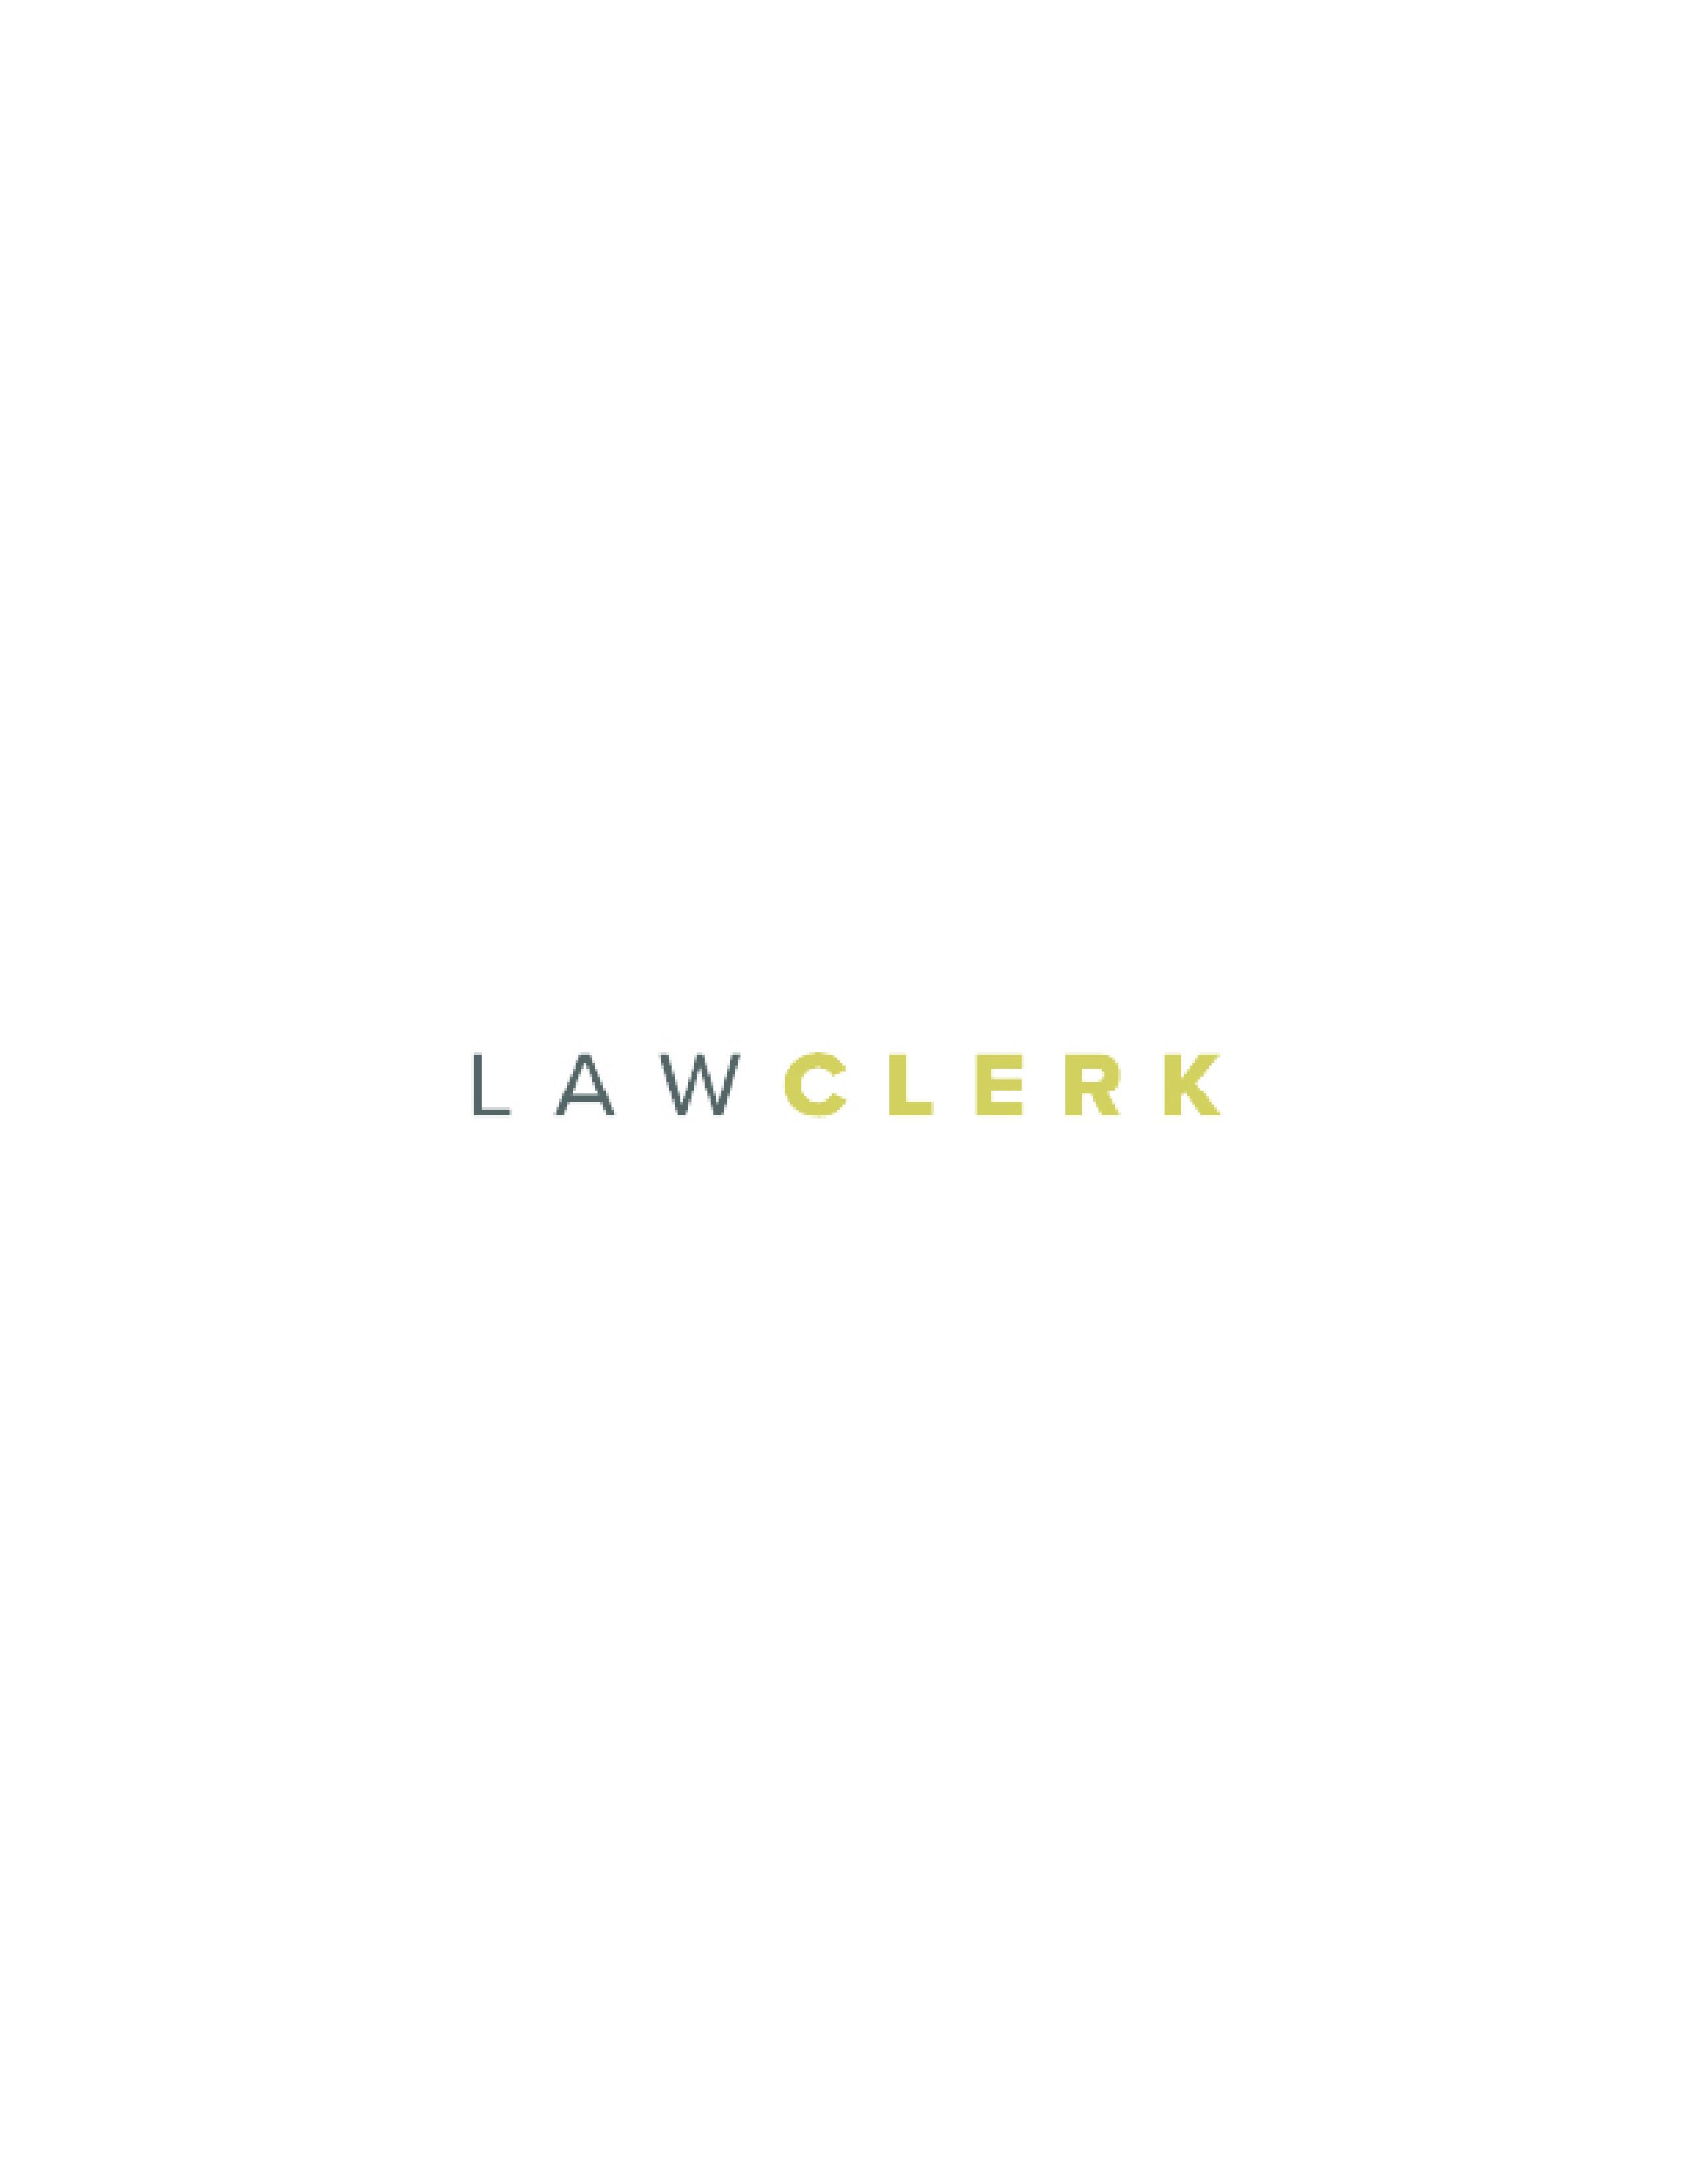 Attorney Resources